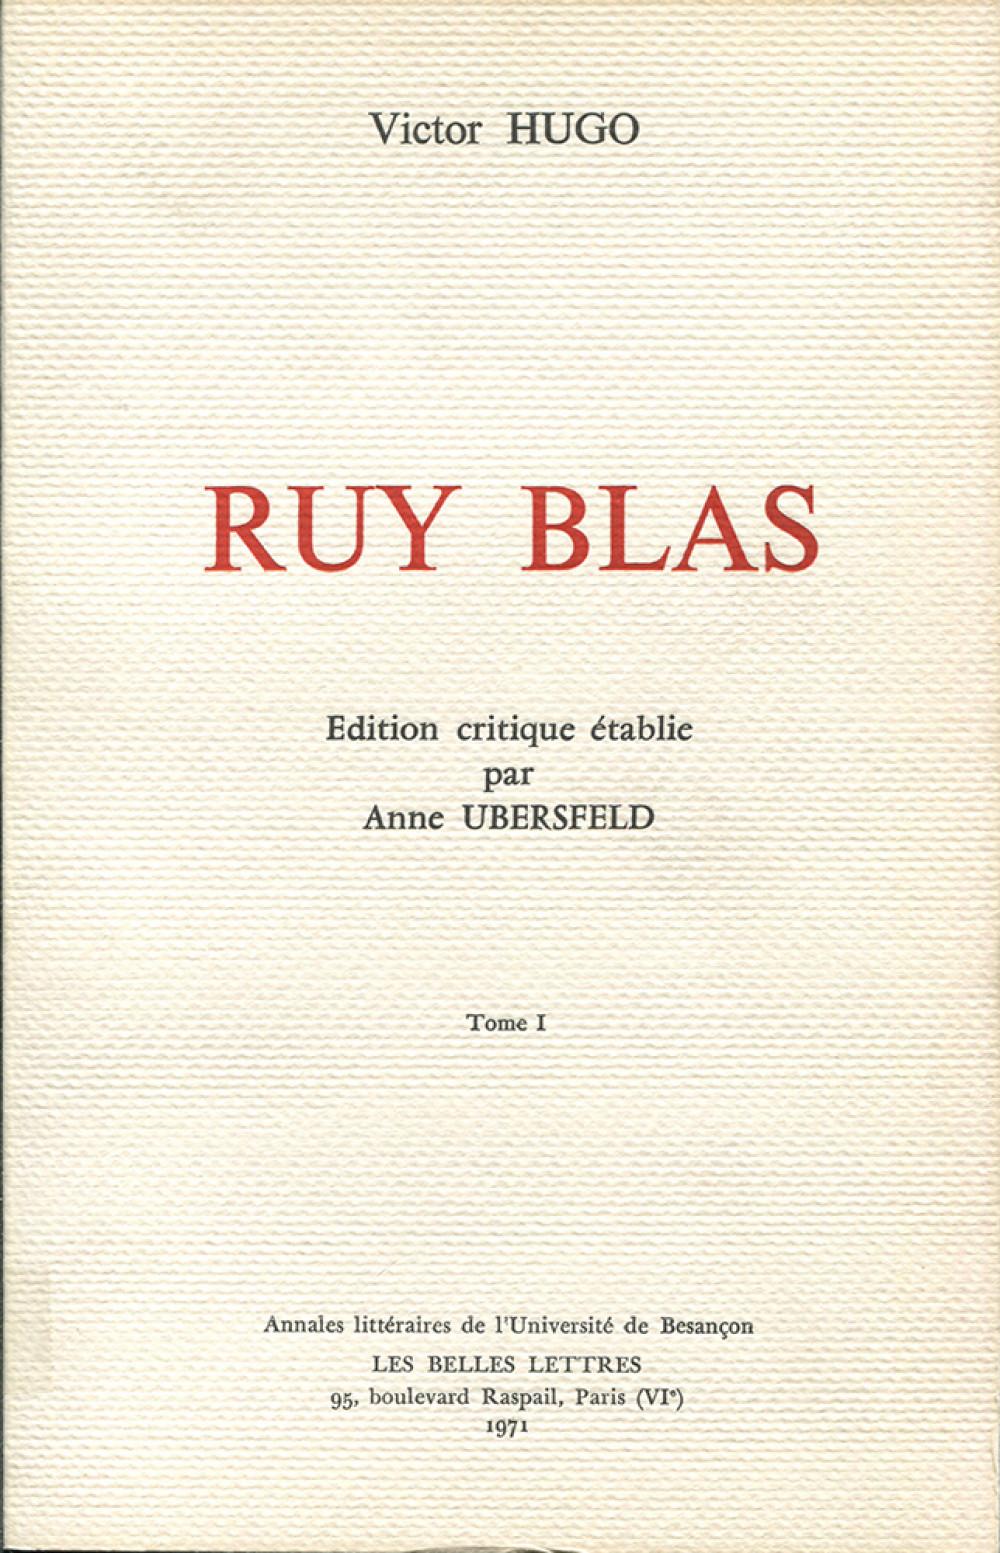 Victor Hugo. Ruy Blas. Tome I